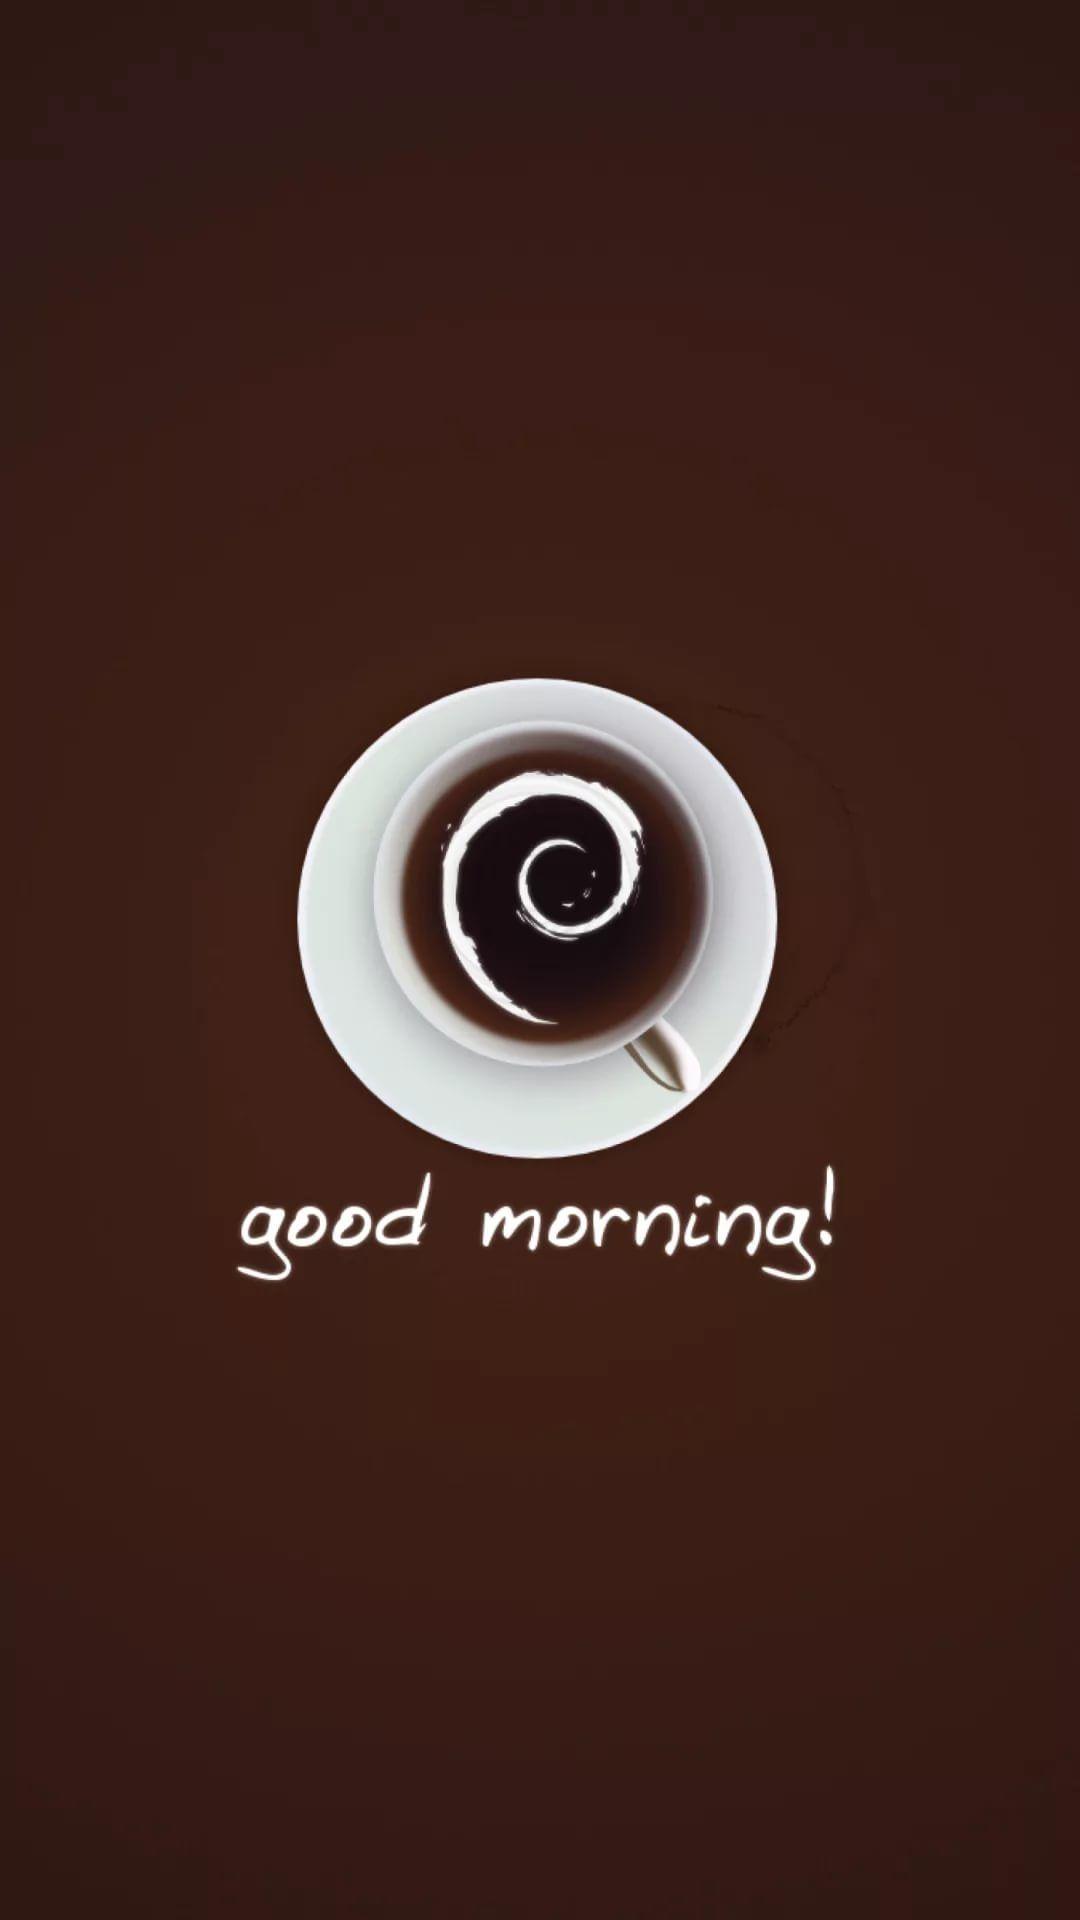 Free Good Morning Image phone background